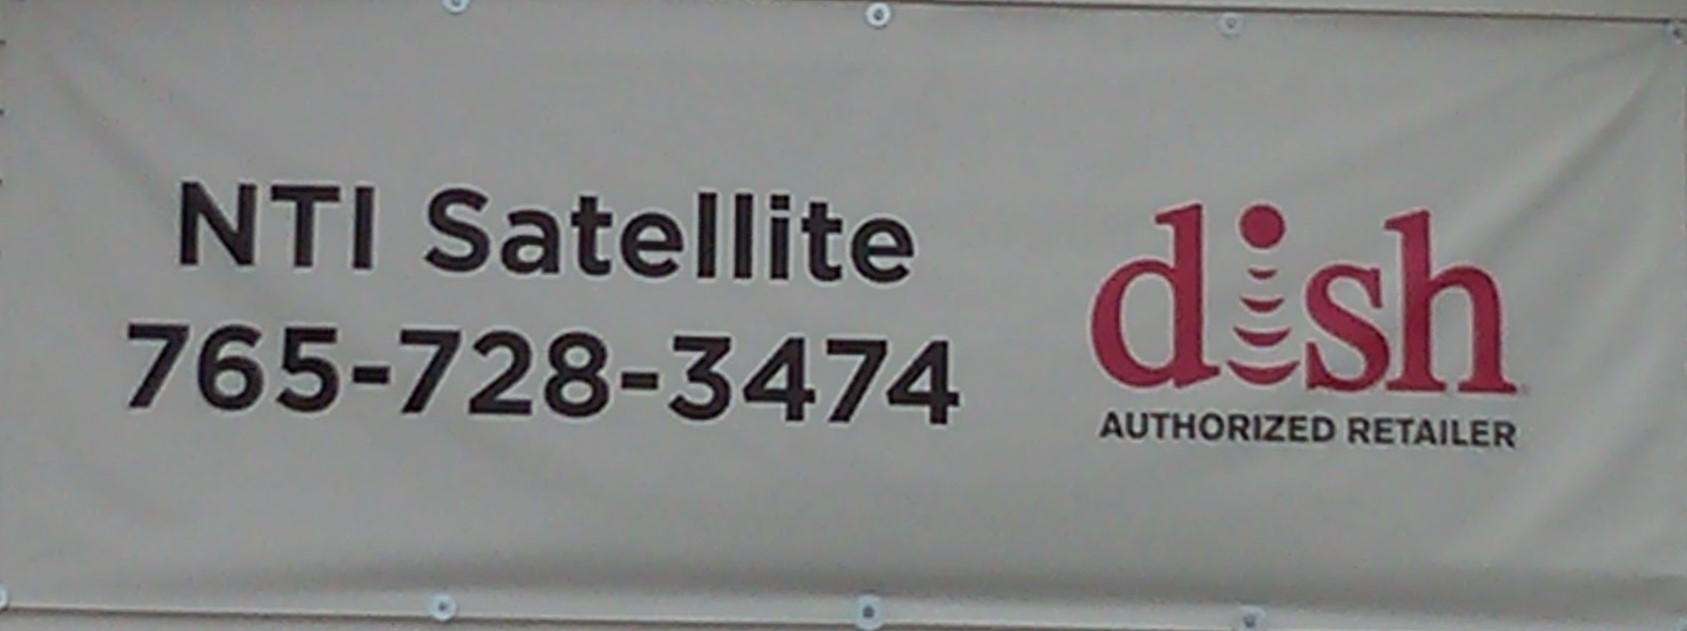 NTI Satellite